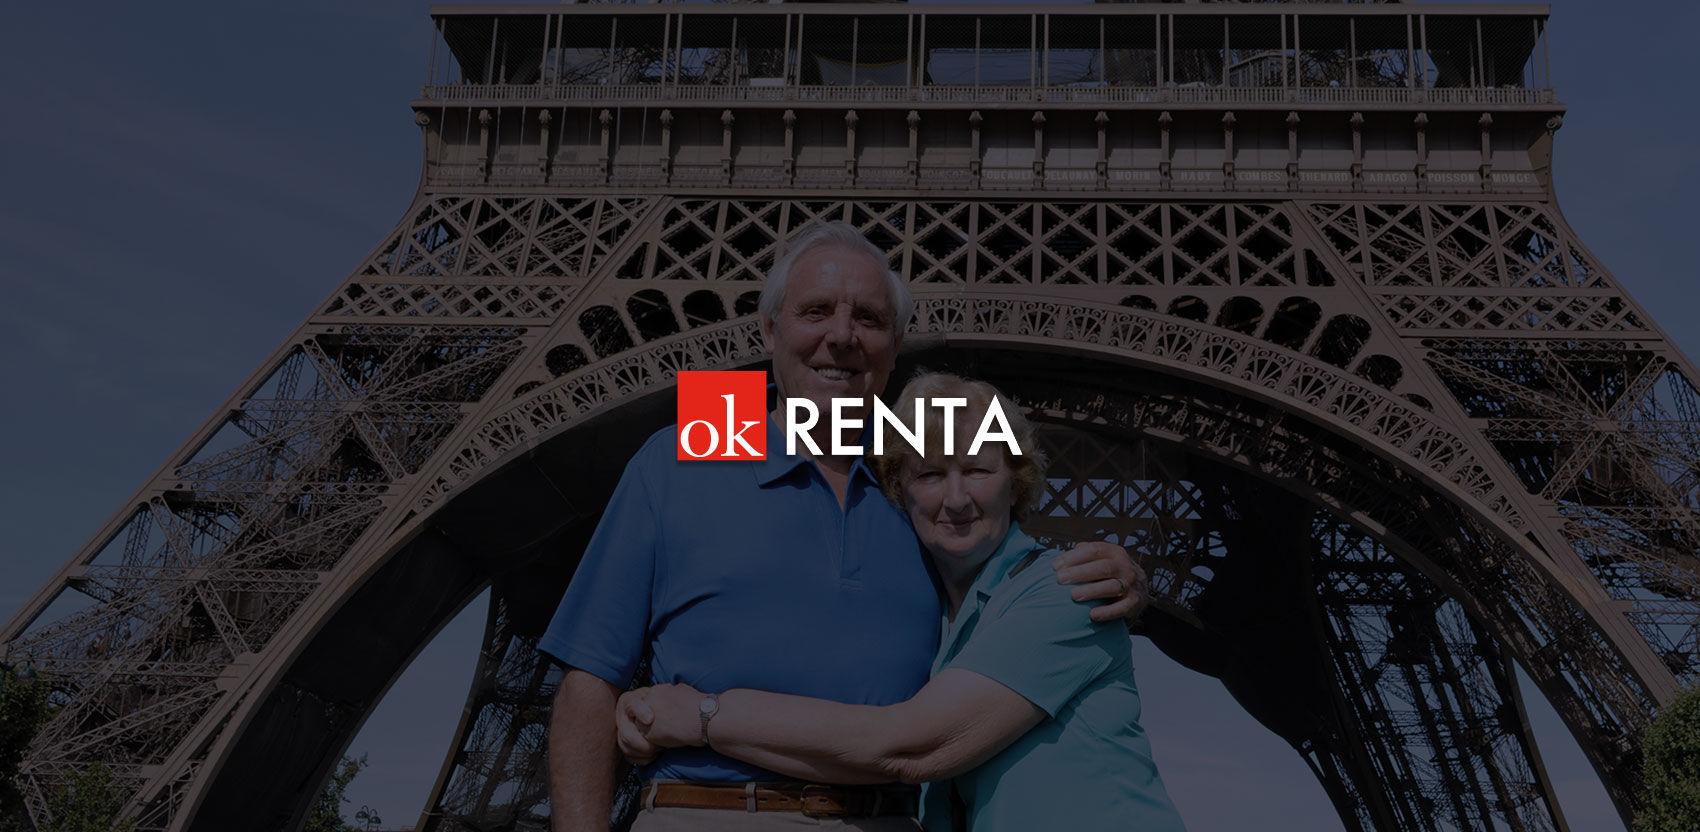 Prostredníctvom služby OKRenta si svoj vek dodochôdku zvolíte sami.</br></br>Chcete si určiť aj</br><strong>výšku mesačného príjmu?</strong>